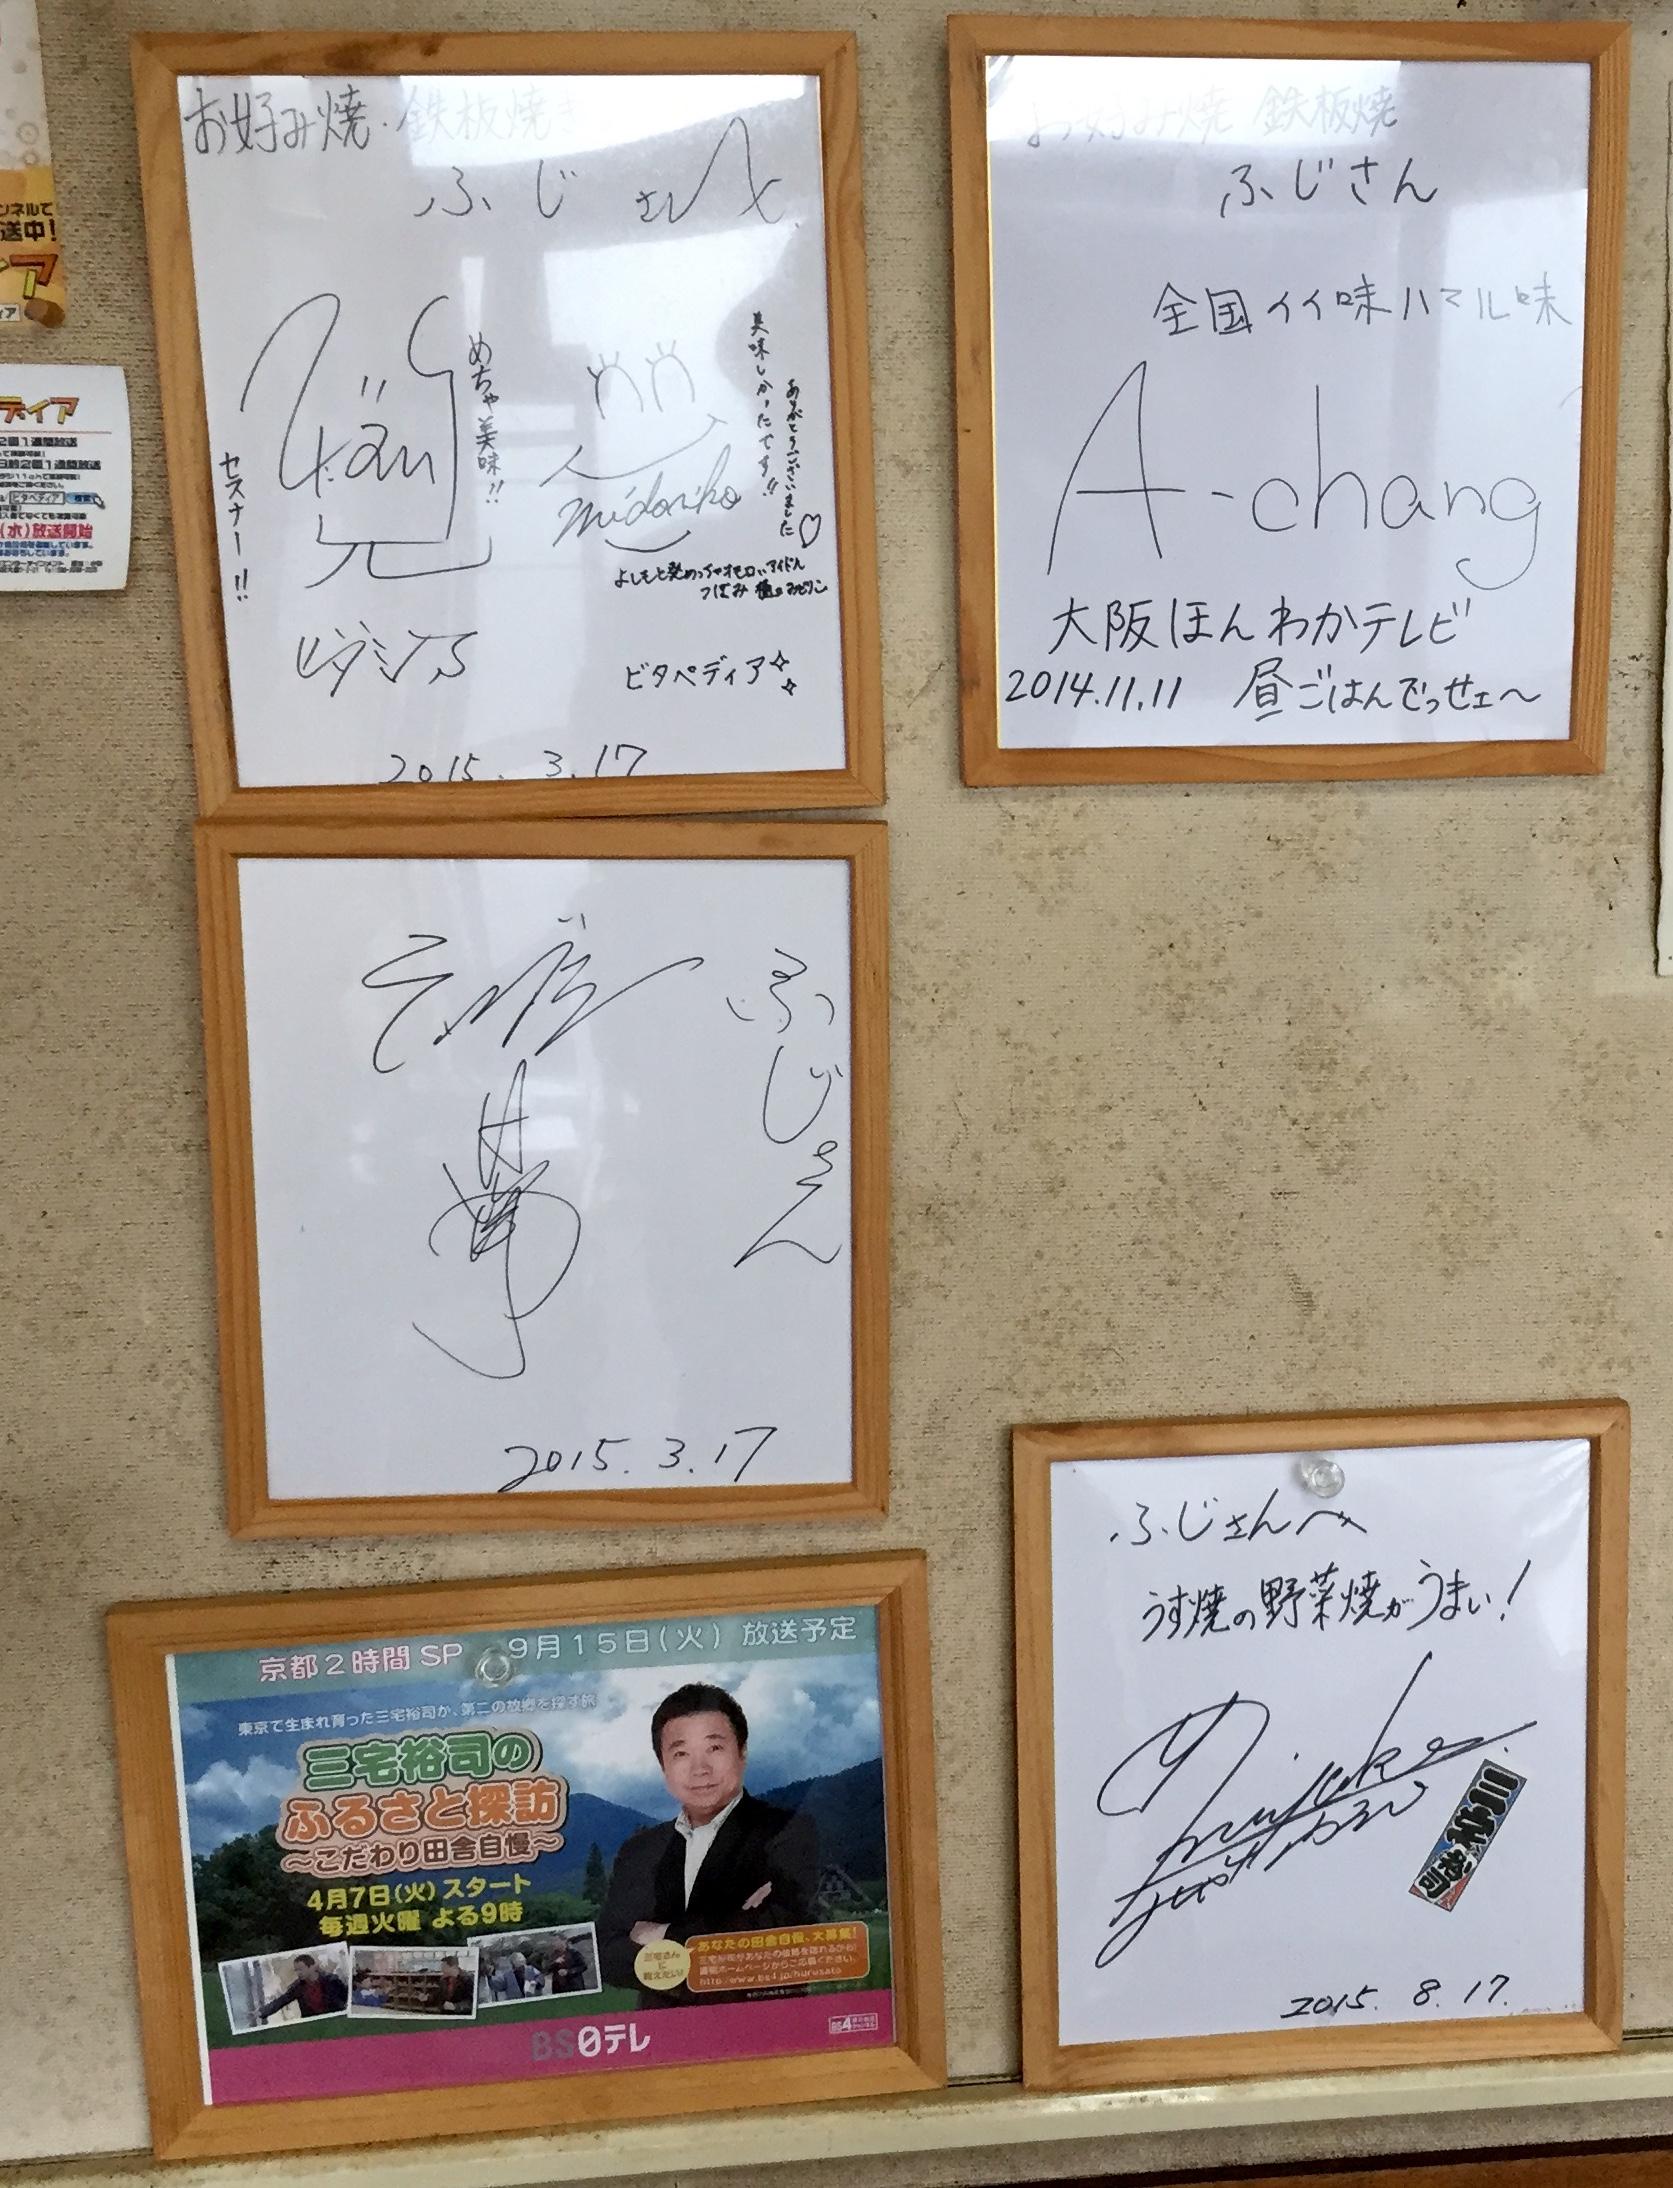 お好み焼きふじの店内はサインなど取材の記録でいっぱい